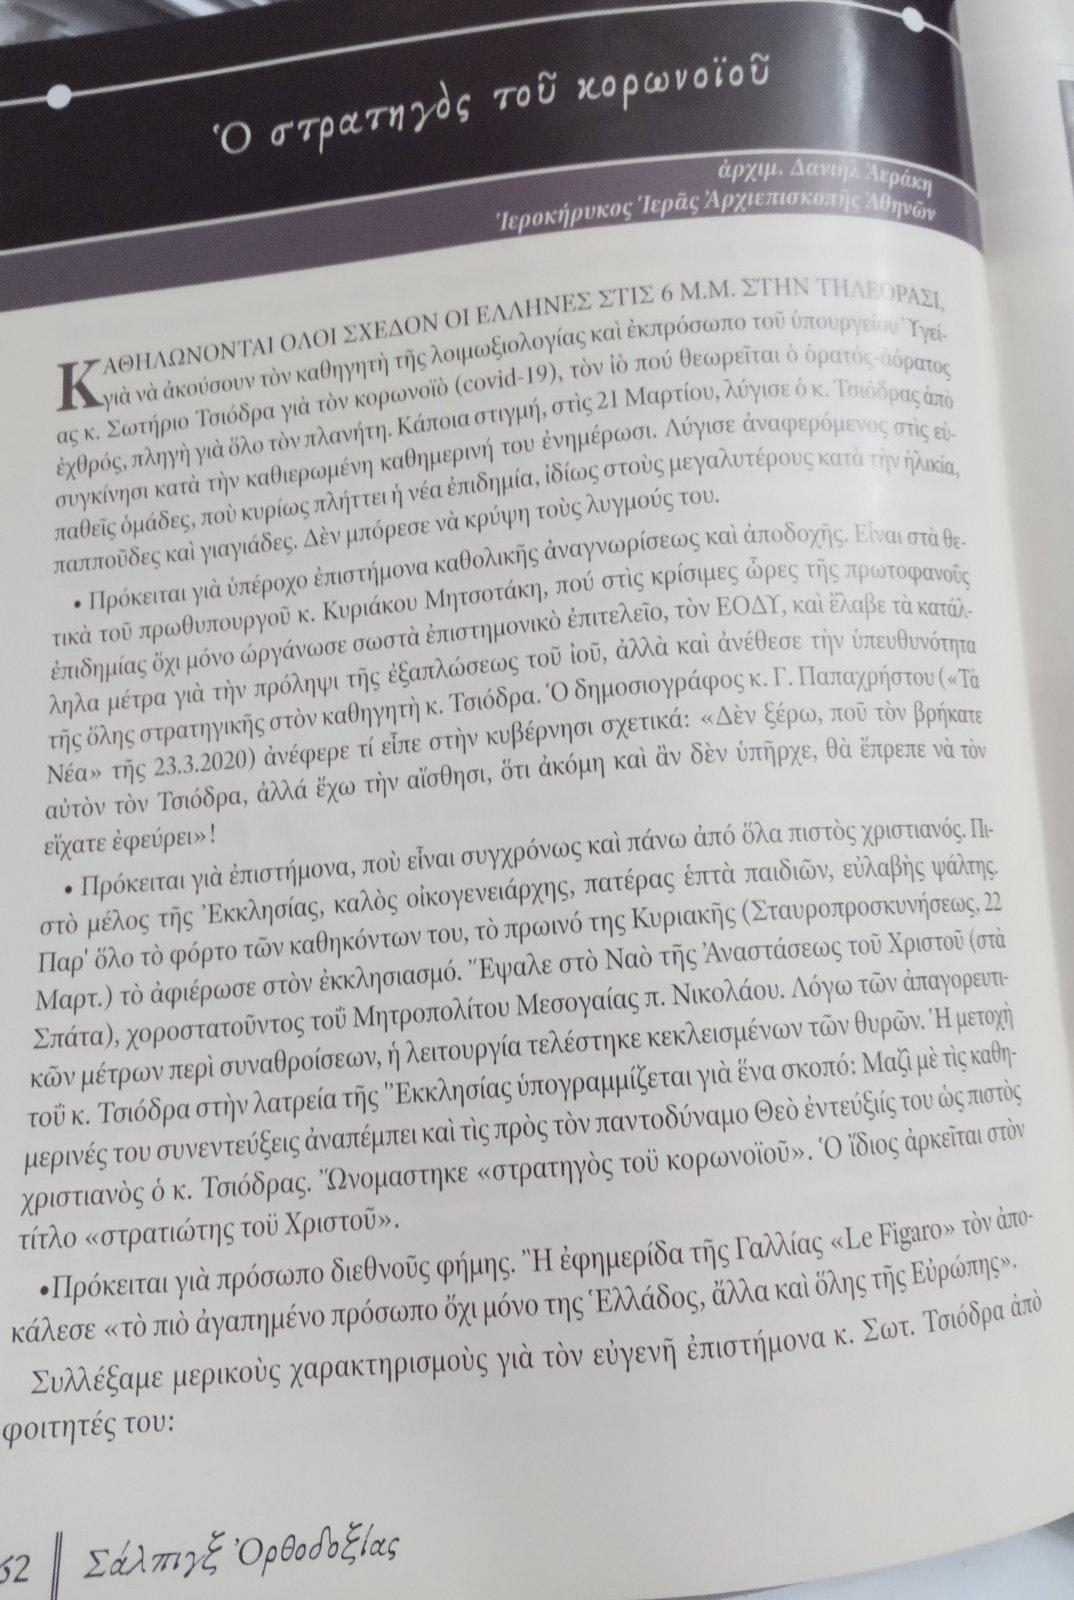 Μεγίστη βλασφημία από την Ι. ΜητρόποληΦλωρίνης (και ύμνοι για Τσιόδρα)!